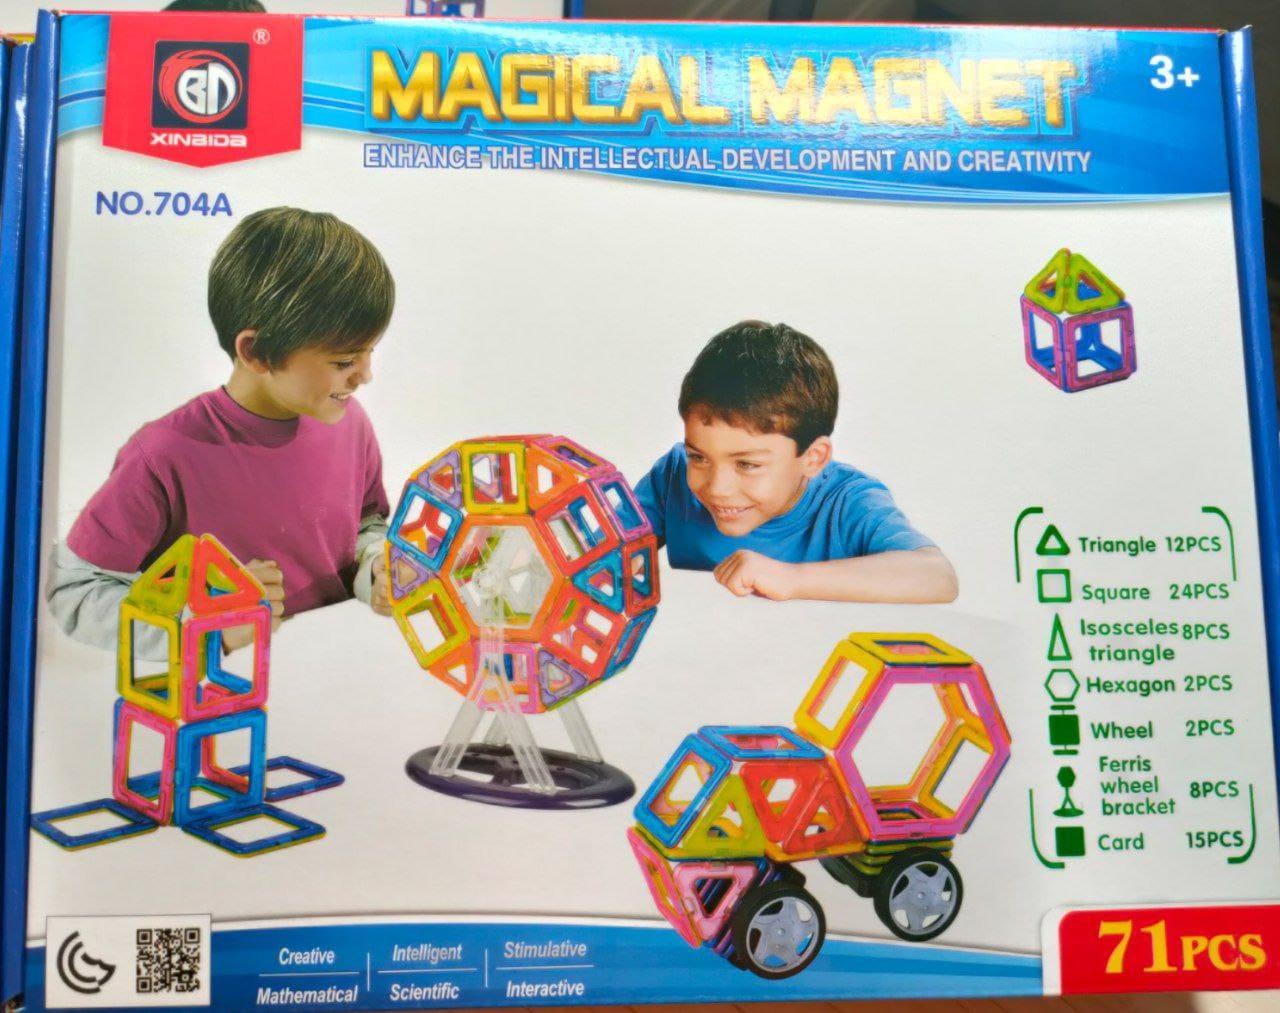 Конструктор Magical Magnet 71 pcs - фото 1